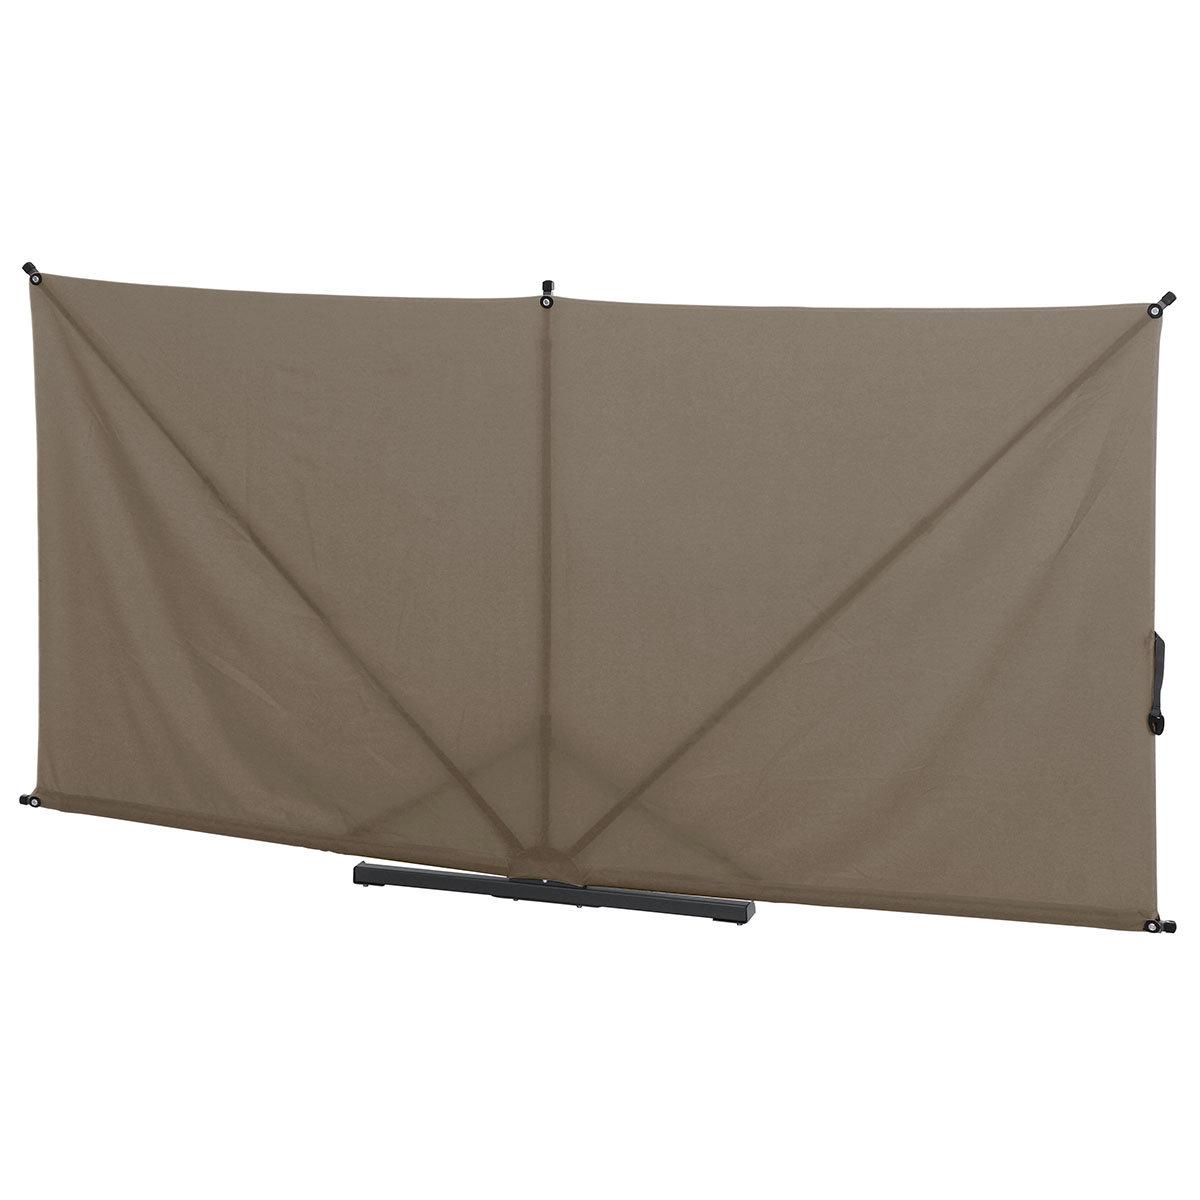 Sichtschutz Ben Blickdicht, 150x250 cm, taupe